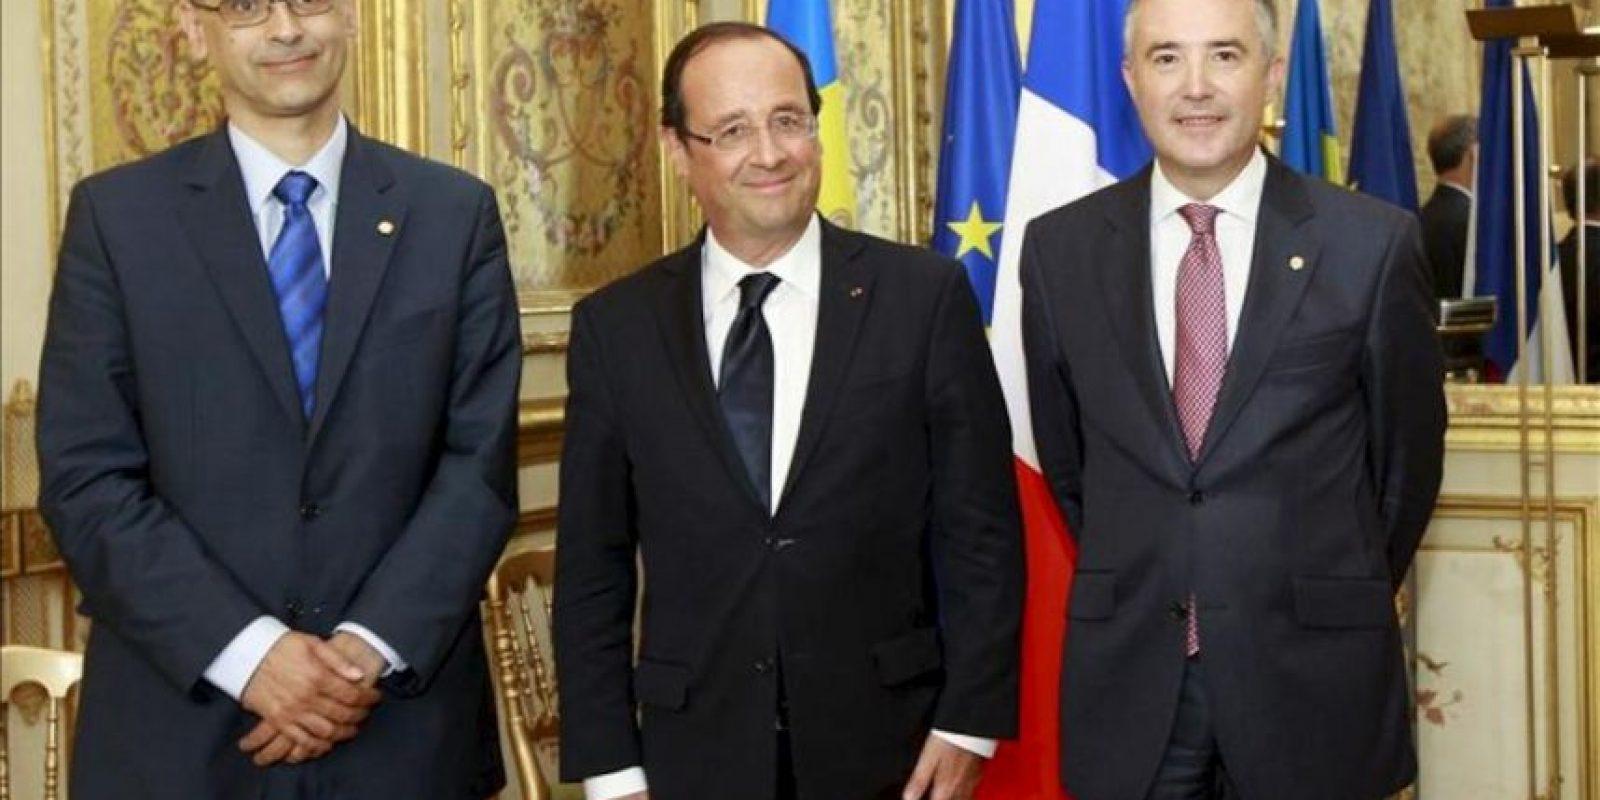 El jefe de gobierno de Andorra, Antoni Marti Petit (i), y el del parlamento, Vicenc Mateu Zamora (d), posan con el presidente francés, Francois Hollande (c), en el Palacio del Elíseo de París hoy. EFE